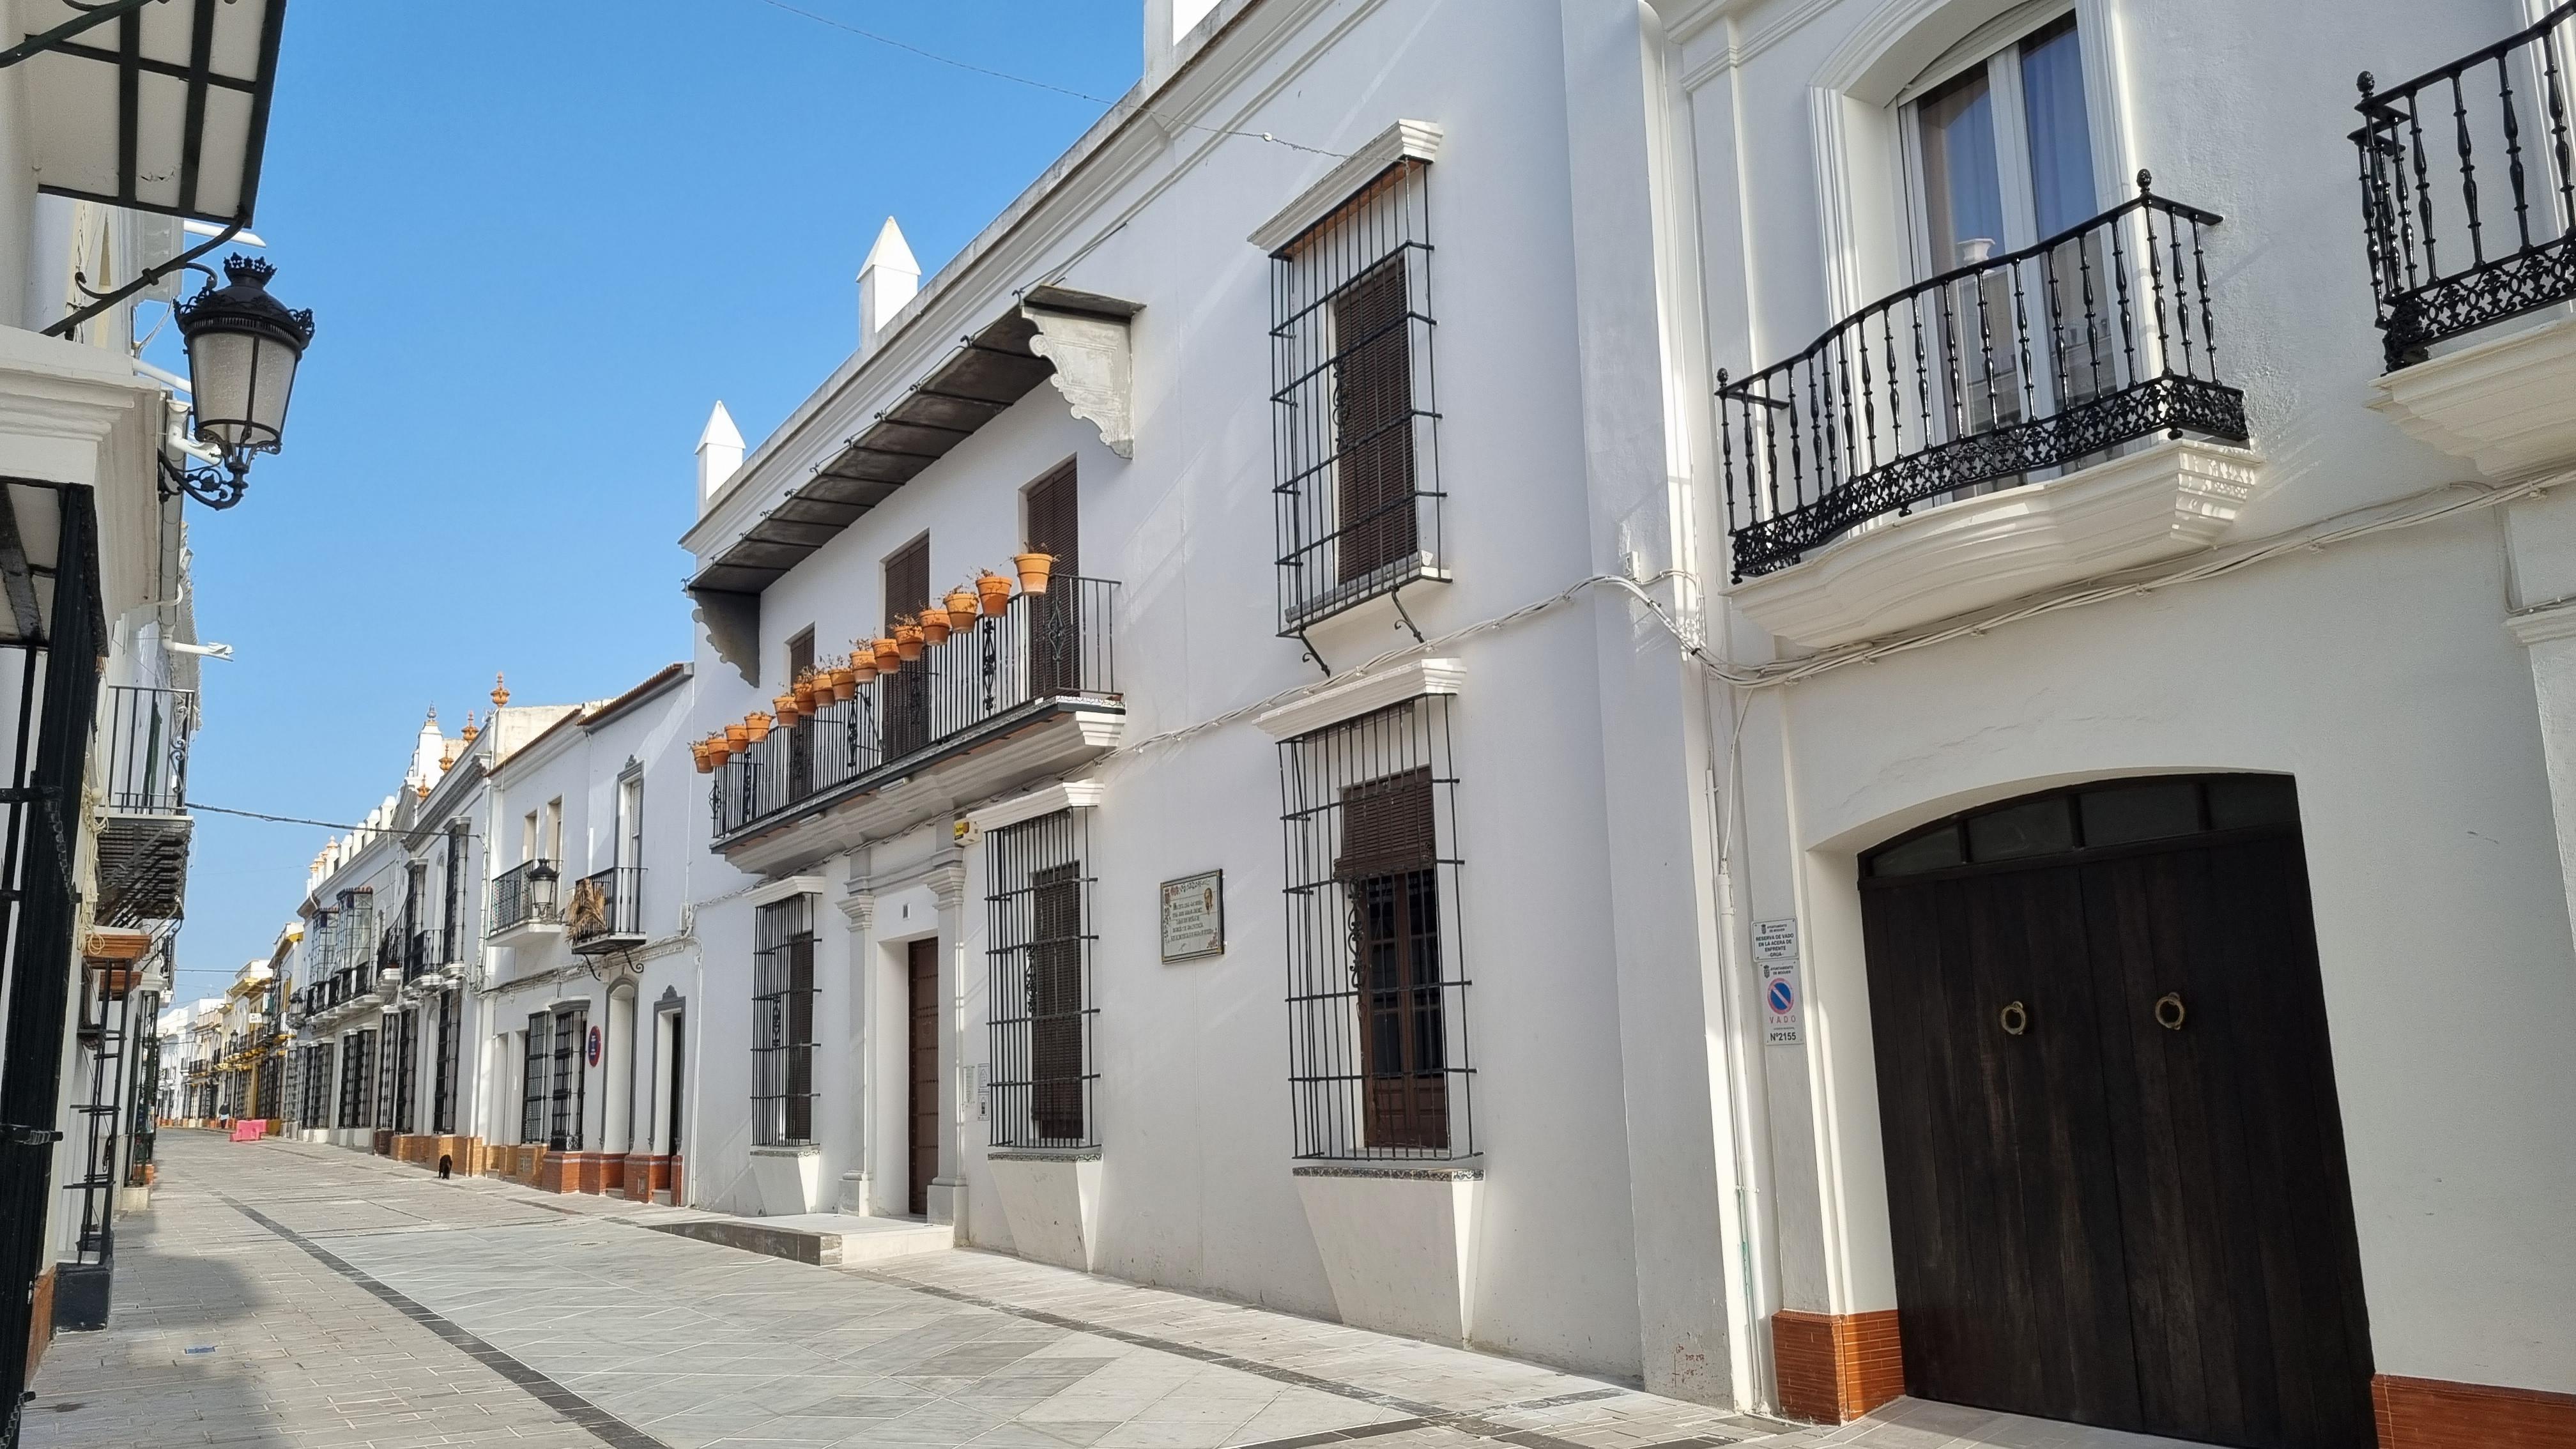 Casa-Museo J.R.J.